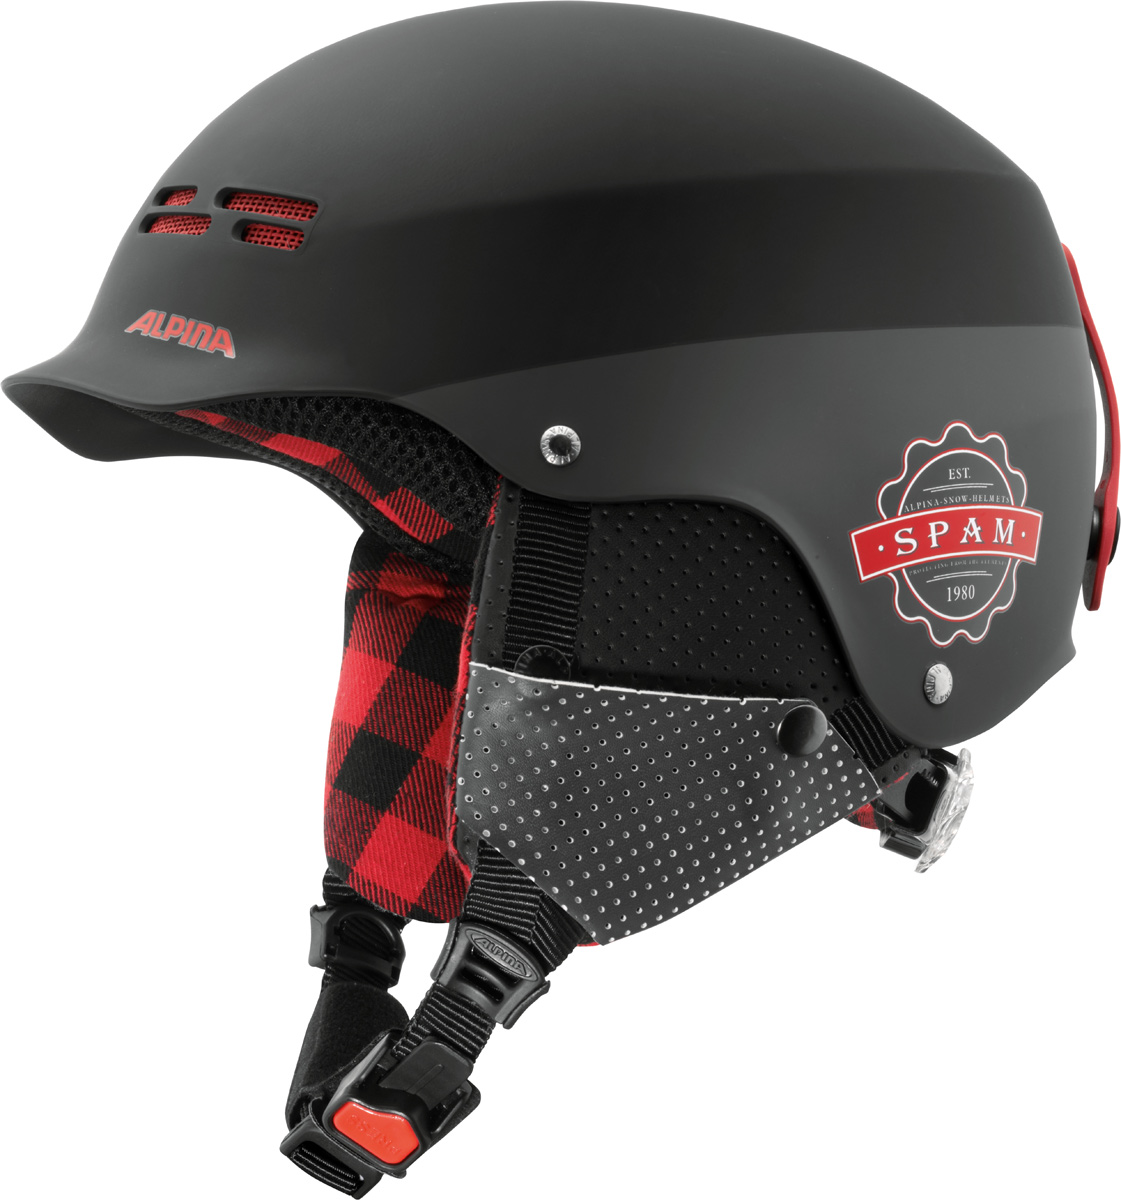 Шлем горнолыжный Alpina Spam Cap, цвет: черный. A9033_29. Размер 54-57A9033_29Ультрастильный шлем для бесстрашных. Яркие цвета и стильный дизайн отлично смотреться в парке или в пайпе. - Шлем имеет максимально надежную и долговечную Hardshell конструкцию - предварительно отлитая оболочка из ударопрочного пластика ABS прочно соединена с внутренней оболочкой из вспененного полистирола. - Вентиляционные отверстия препятствуют перегреву и позволяют поддерживать идеальную температуру внутри шлема. Для этого инженеры Alpina используют эффект Вентури, чтобы сделать циркуляцию воздуха постоянной и максимально эффективной. - Съемные ушки-амбушюры можно снять за секунду и сложить в карман лыжной куртки. Если вы наслаждаетесь катанием в начале апреля, такая возможность должна вас порадовать. А когда температура снова упадет - щелк и вкладыш снова на месте. - Внутренняя оболочка каждого шлема Alpina состоит из гранул HI-EPS (сильно вспененного полистирола). Микроскопические воздушные карманы эффективно поглощают ударную нагрузку и обеспечивают высокую теплоизоляцию. Эта технология позволяет достичь минимальной толщины оболочки. А так как гранулы HI-EPS не впитывают влагу, их защитный эффект не ослабевает со временем. - Ручка регулировки Run System Classic в задней части шлема позволяет за мгновение комфортно усадить шлем на затылке. - Y-образный ремнераспределитель двух ремешков находится под ухом и обеспечивает быструю и точную посадку шлема на голове. - Вместо фастекса на ремешке используется красная кнопка с автоматическим запирающим механизмом, которую легко использовать даже в лыжных перчатках. Механизм защищен от произвольного раскрытия при падении.Что взять с собой на горнолыжную прогулку: рассказывают эксперты. Статья OZON Гид